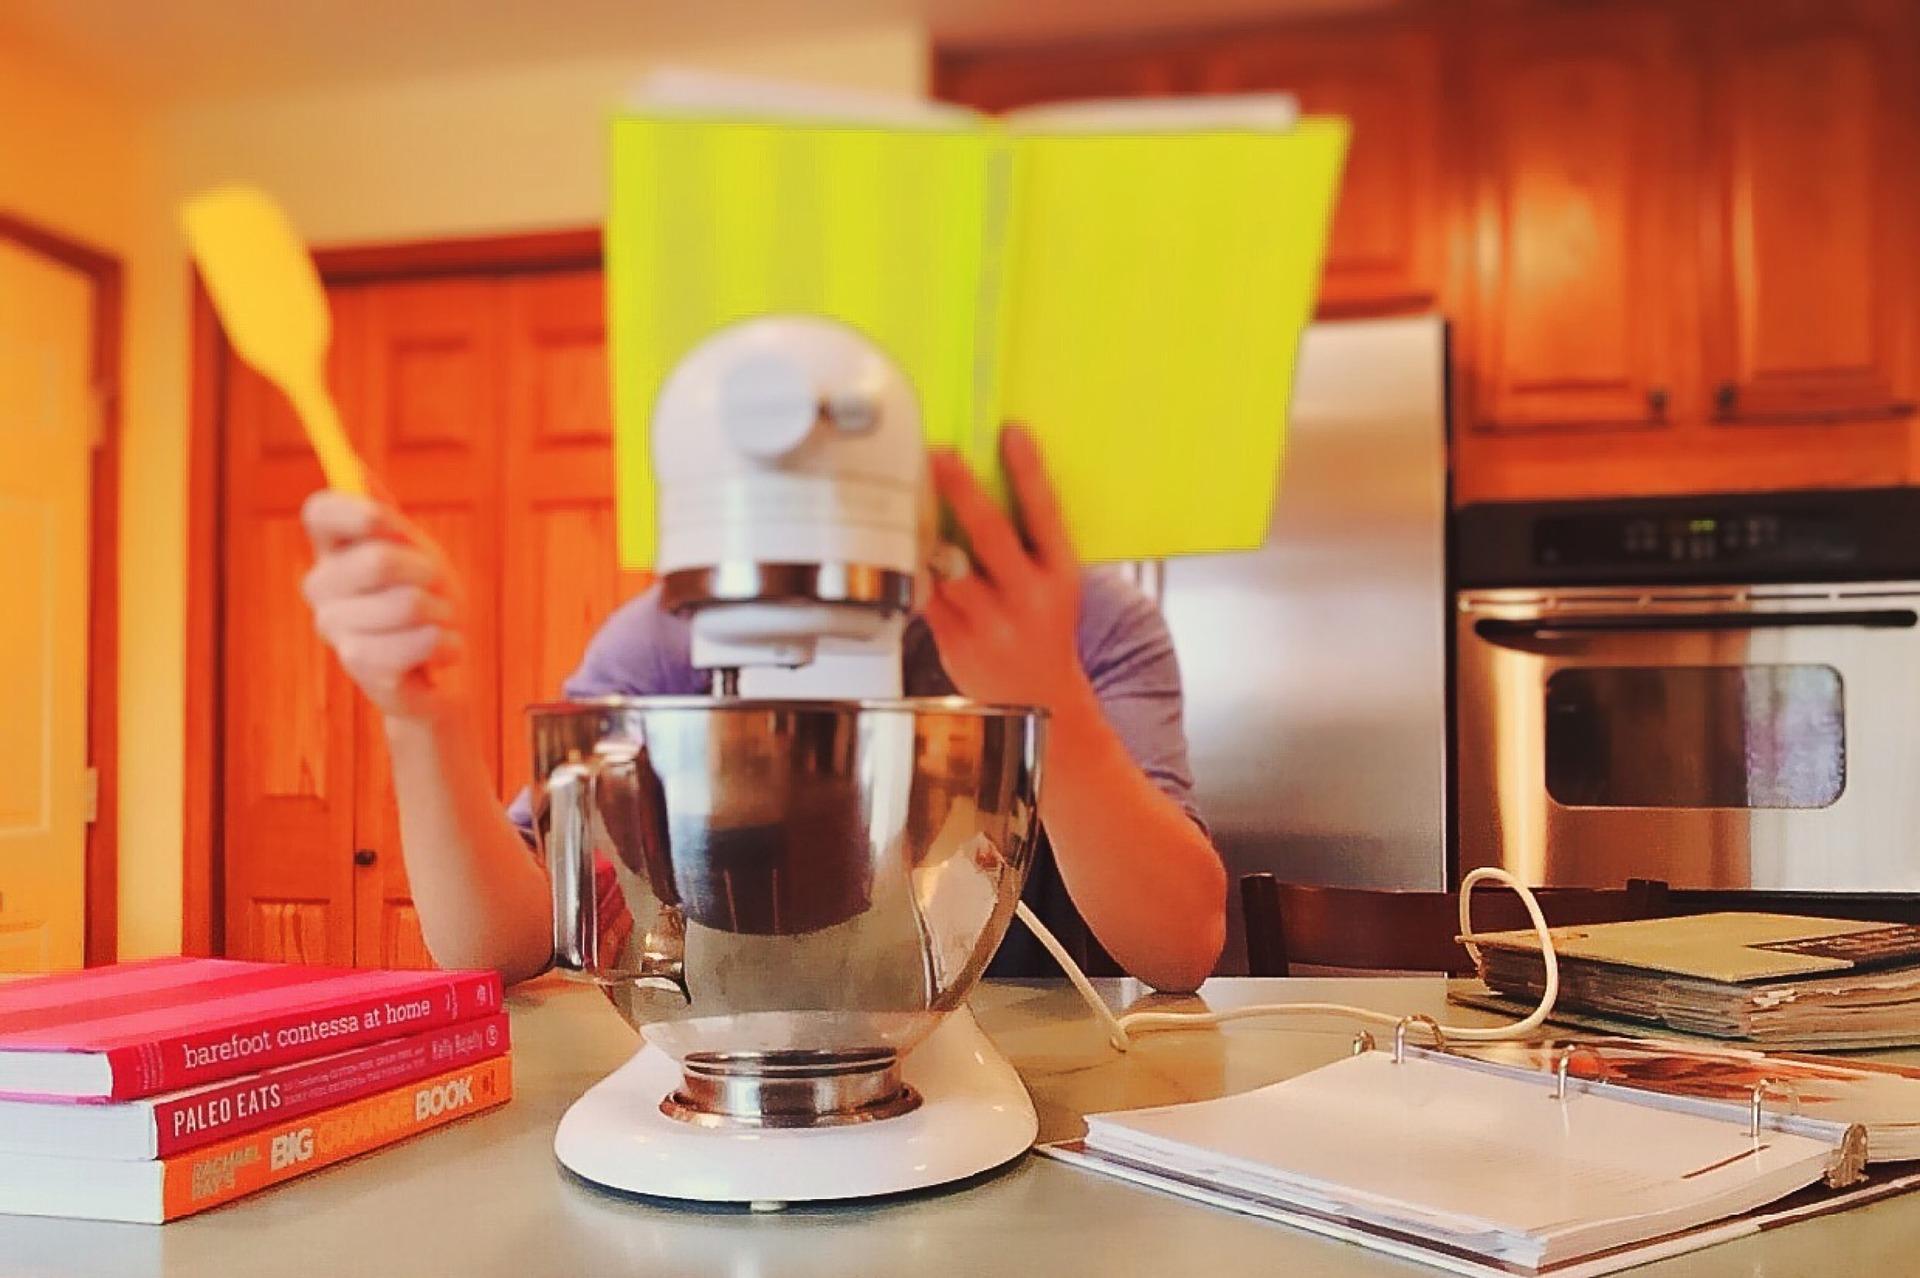 Imagem de pessoa se preparando para cozinhar, segurando uma espátula de silicone amarela